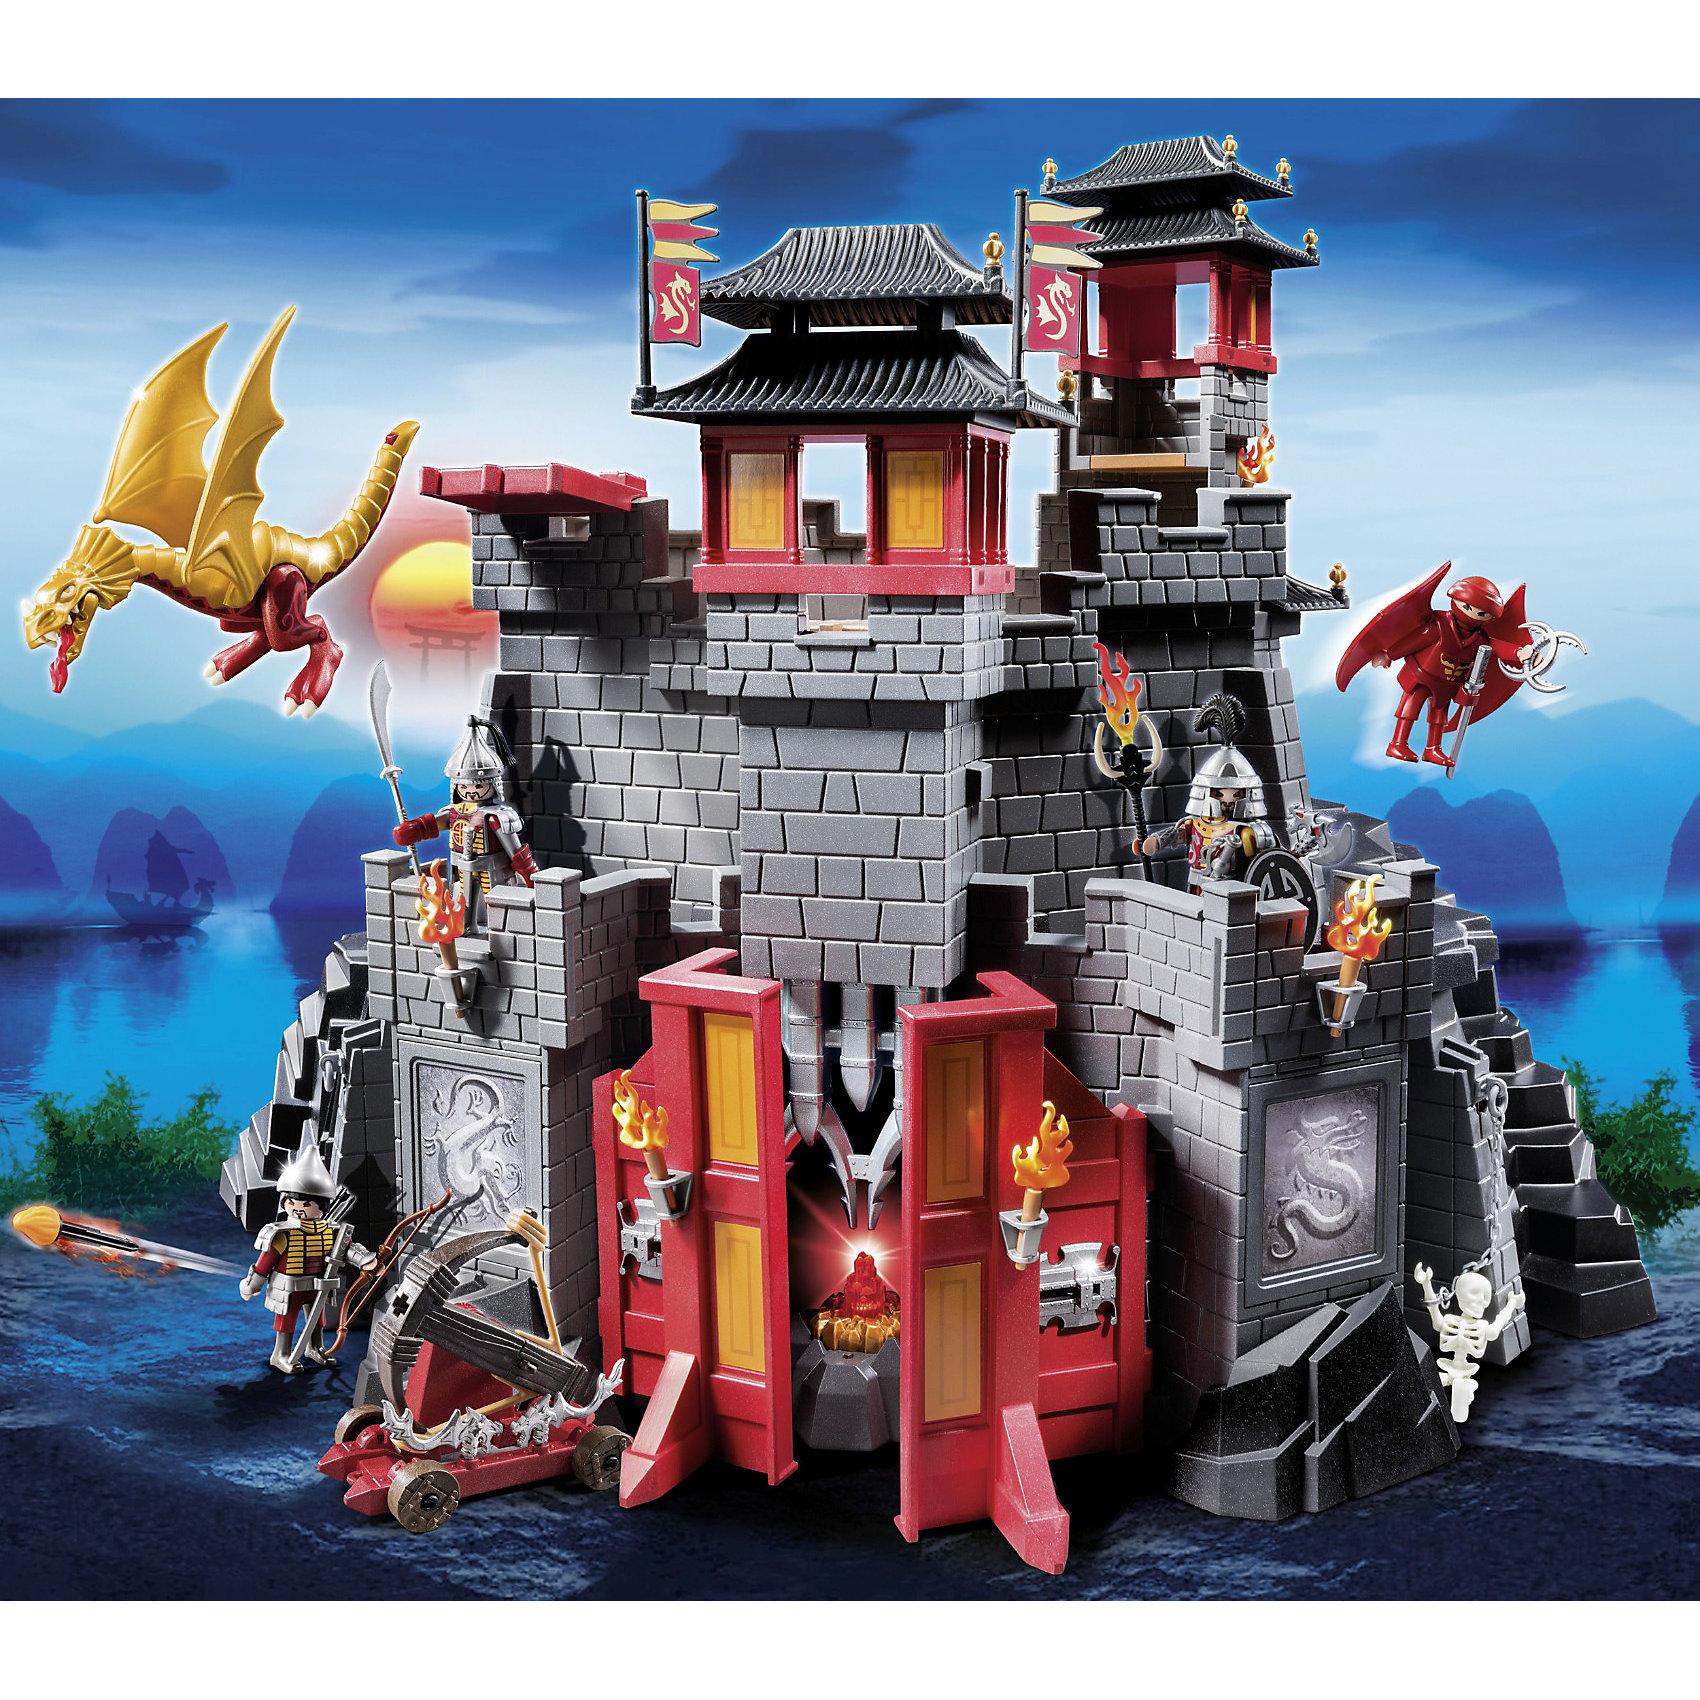 PLAYMOBIL® Восточный замок с золотым драконом, PLAYMOBIL playmobil 5266 summer fun детский клуб с танц площадкой